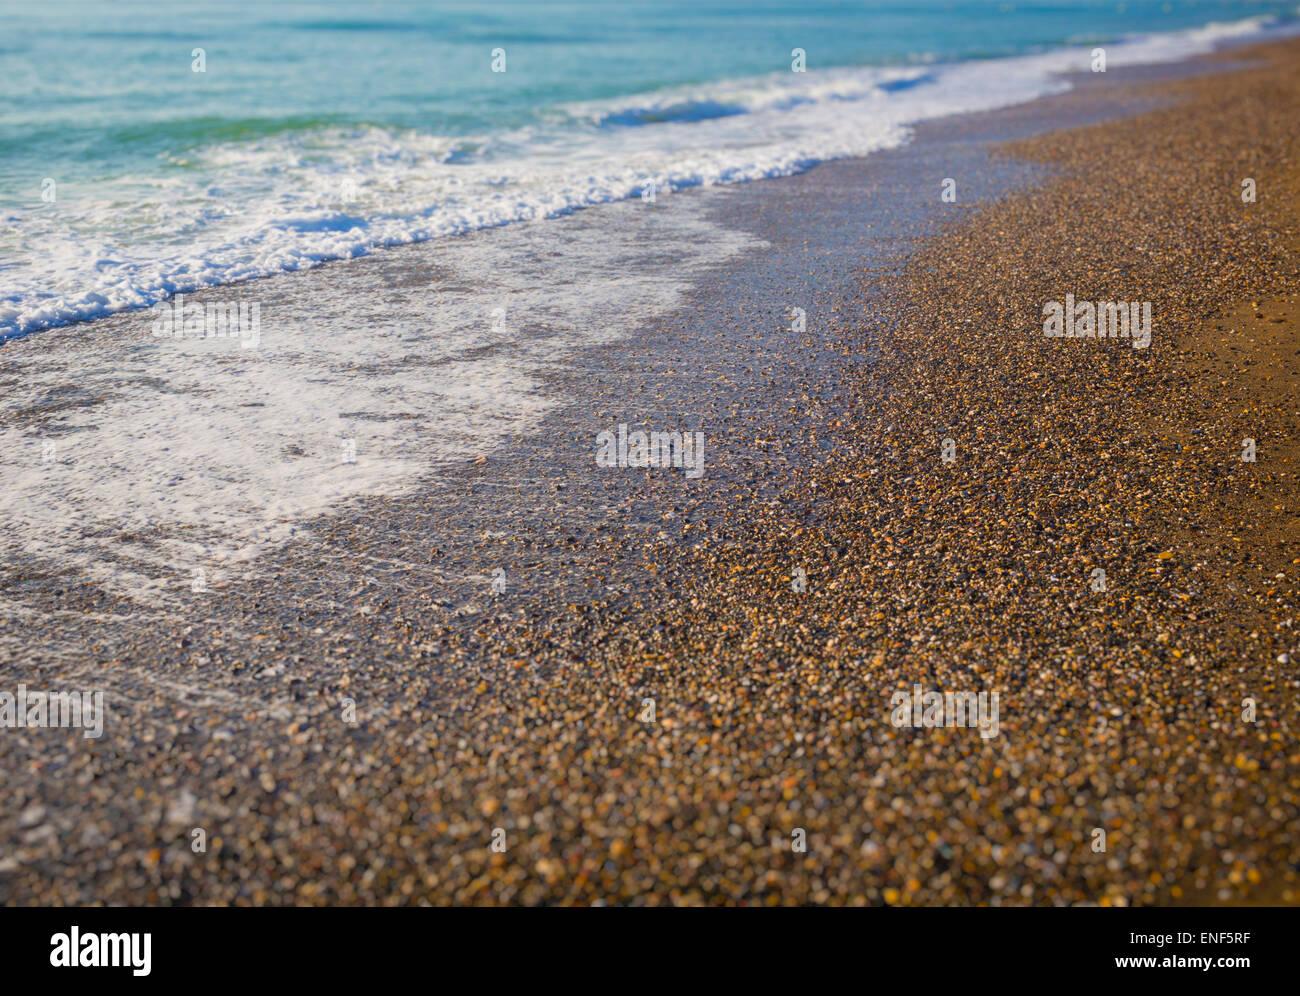 Vagues se brisant sur la mer. Photo Stock